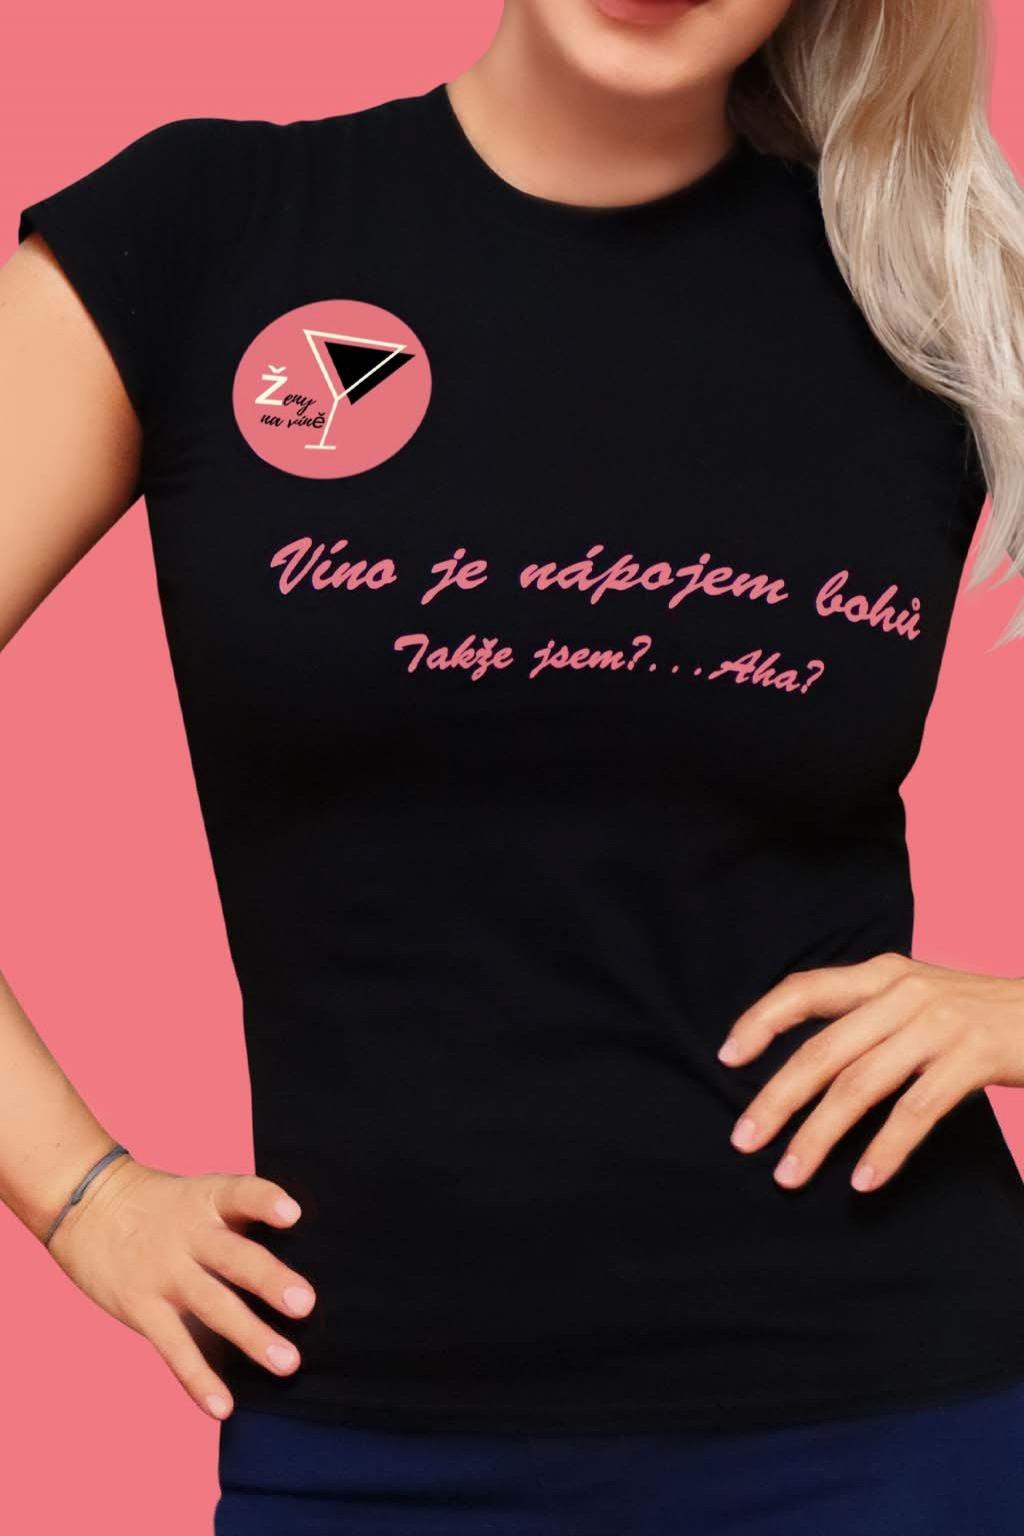 tričko1